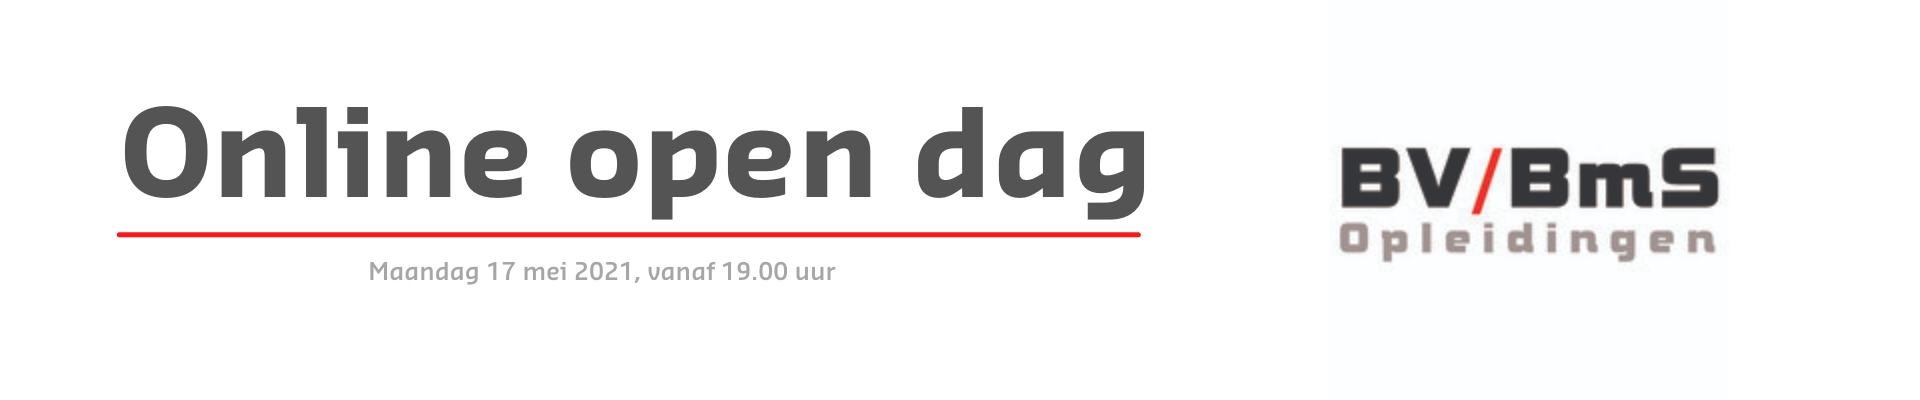 Online open dag BV / BmS Opleidingen